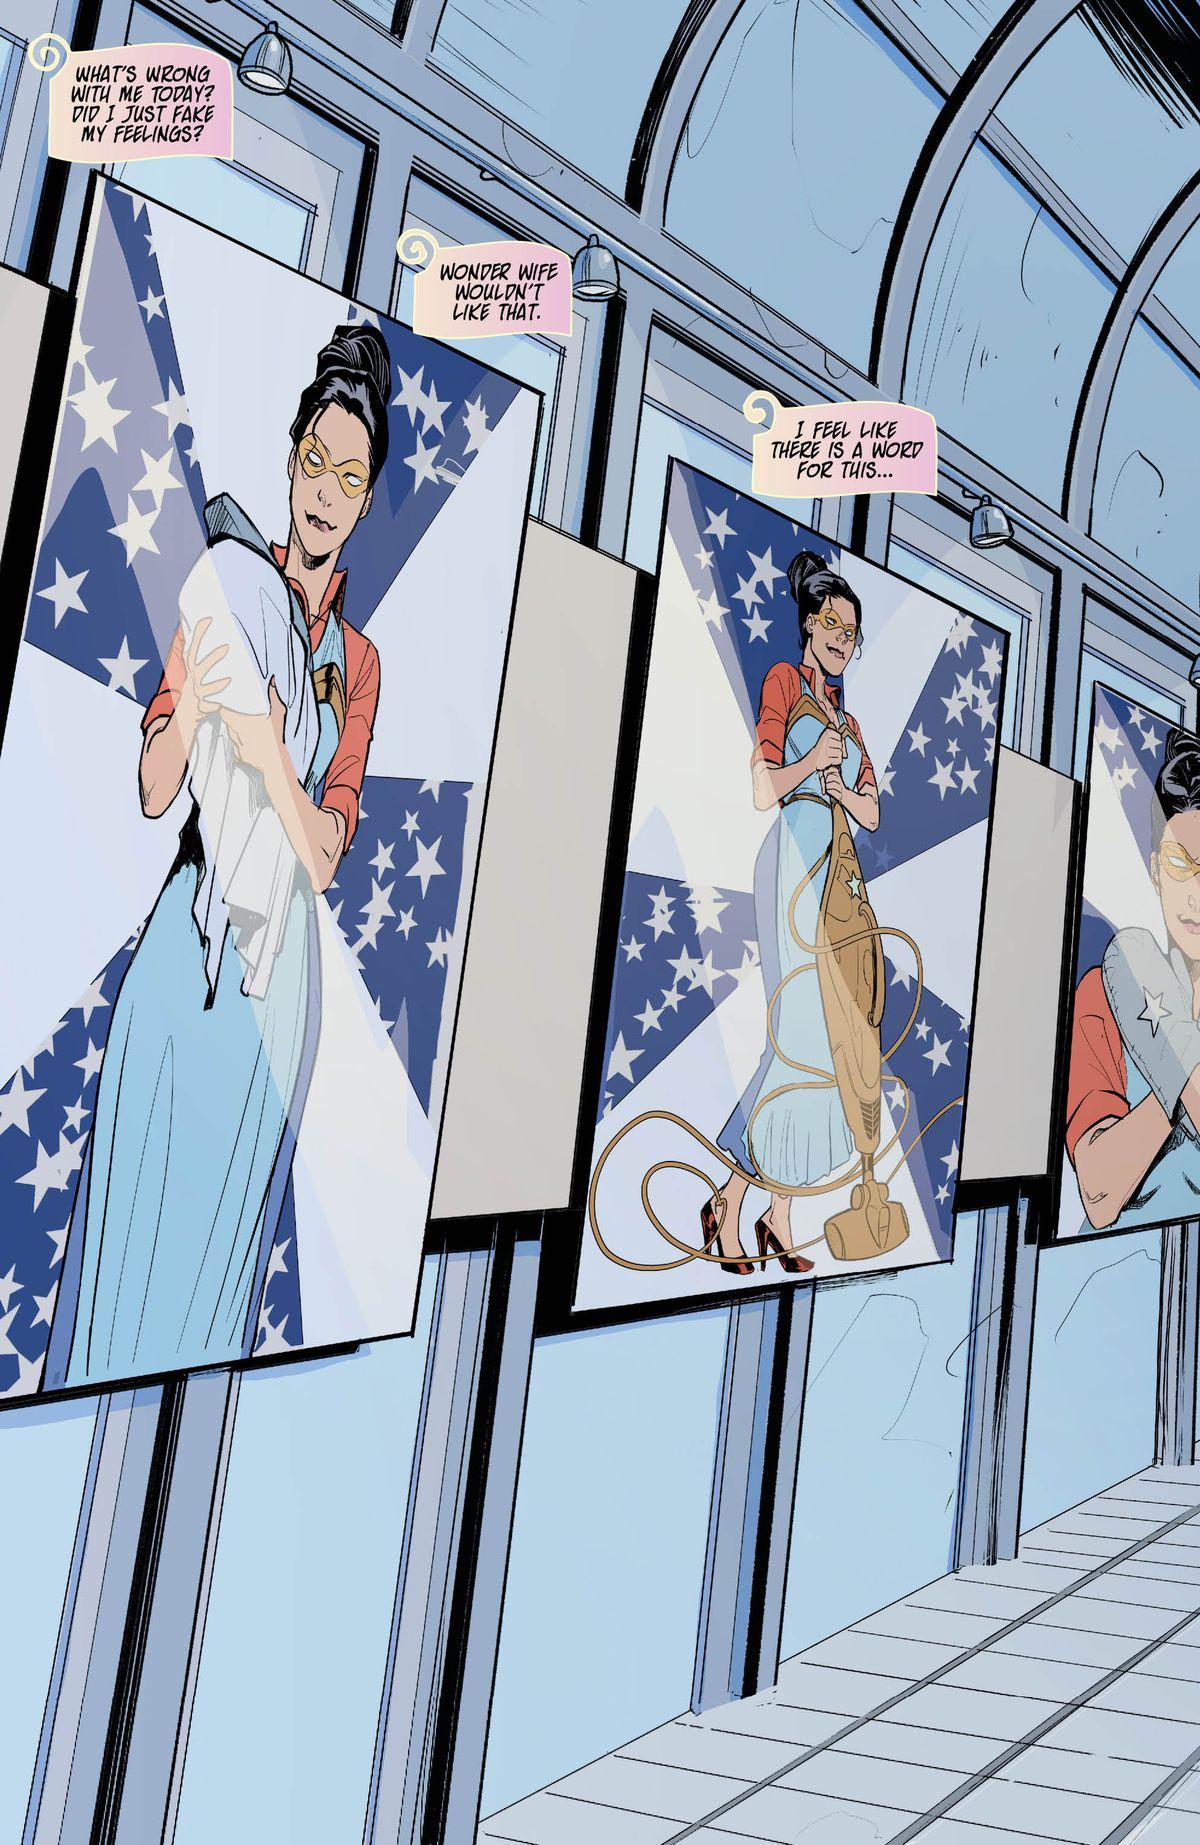 神奇女侠在她的Milk Wars搭配中变得非常情绪化和超级奇怪